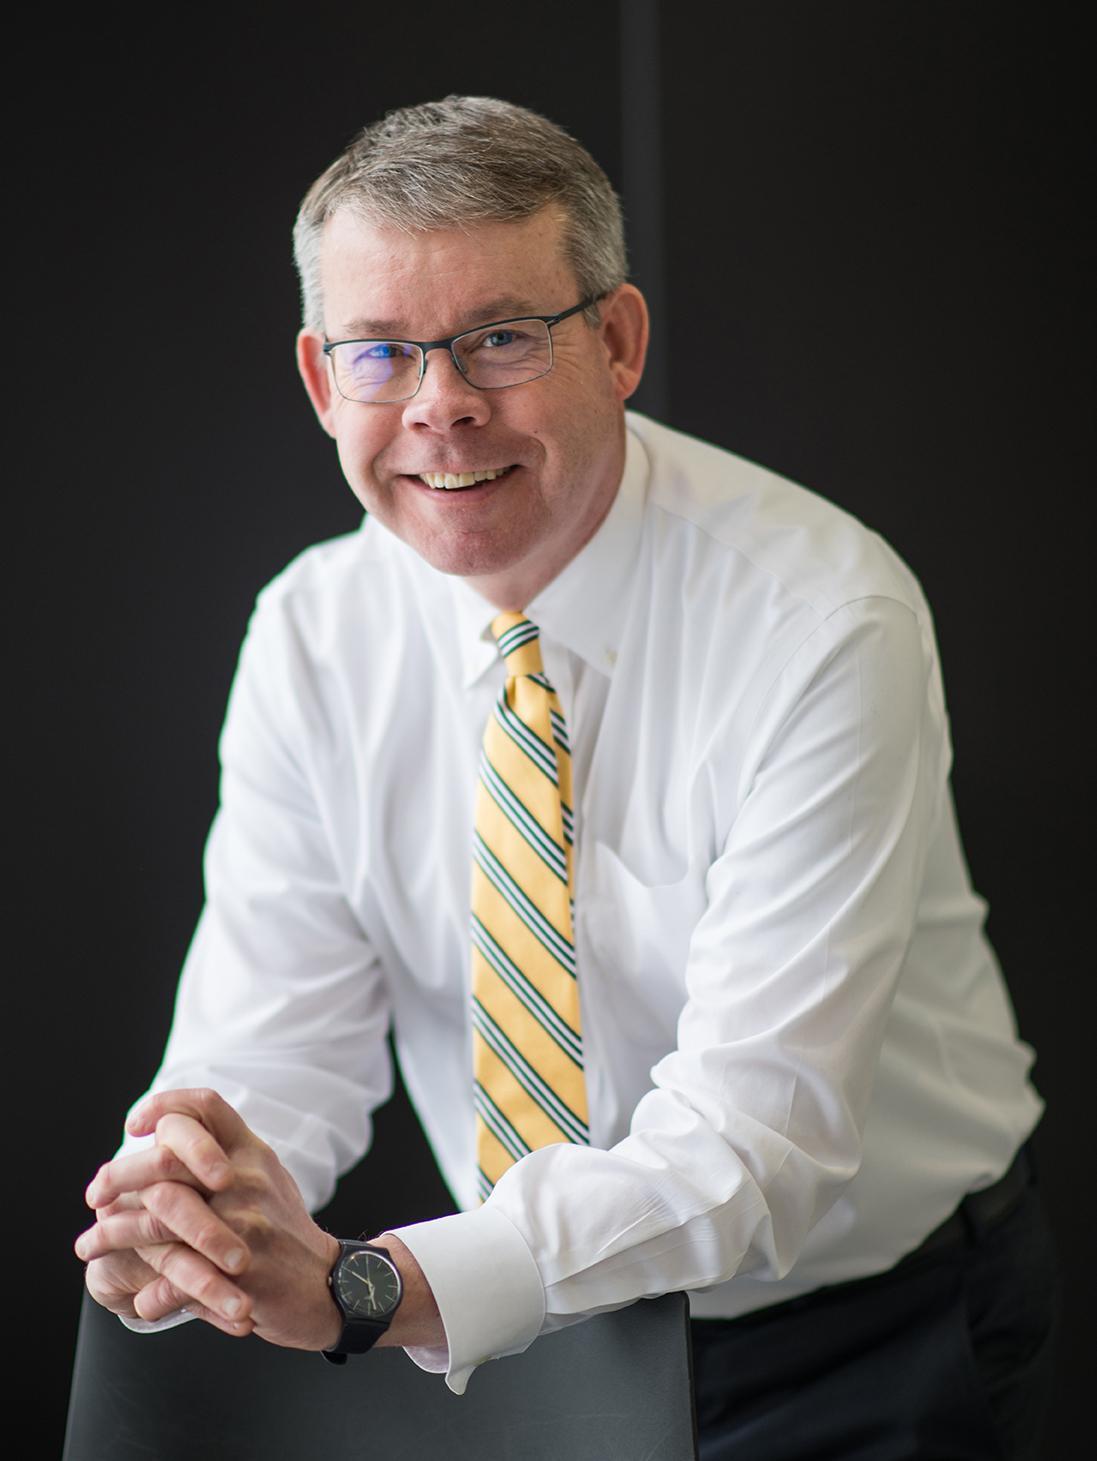 Tom Baird, Vice President for Development